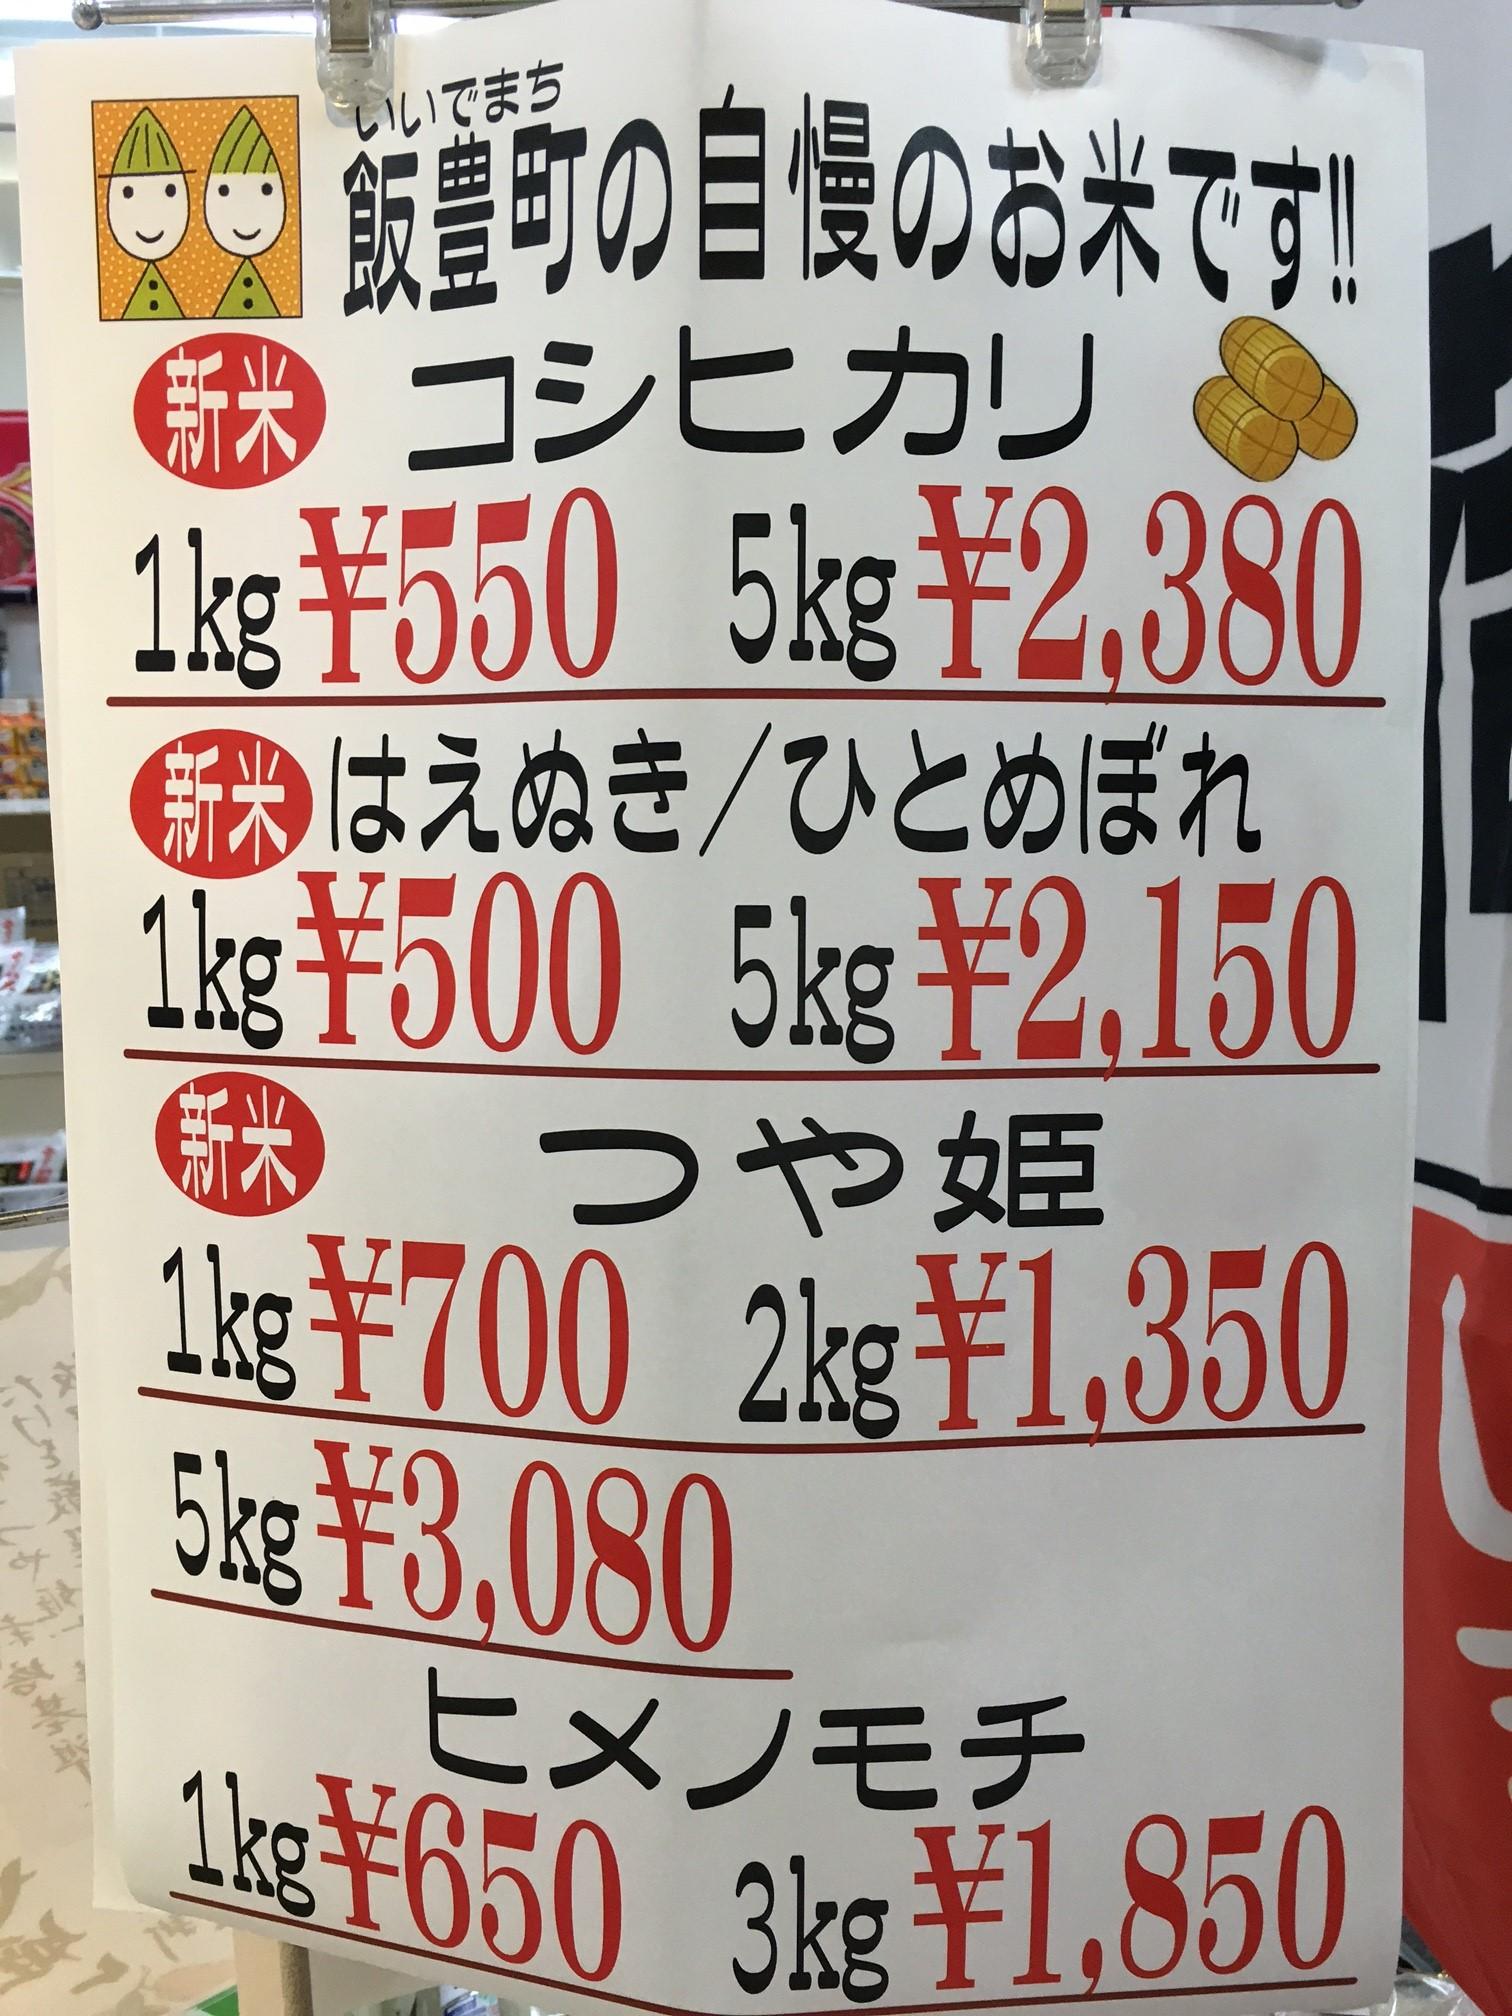 飯豊町の自慢の新米の価格です!:画像